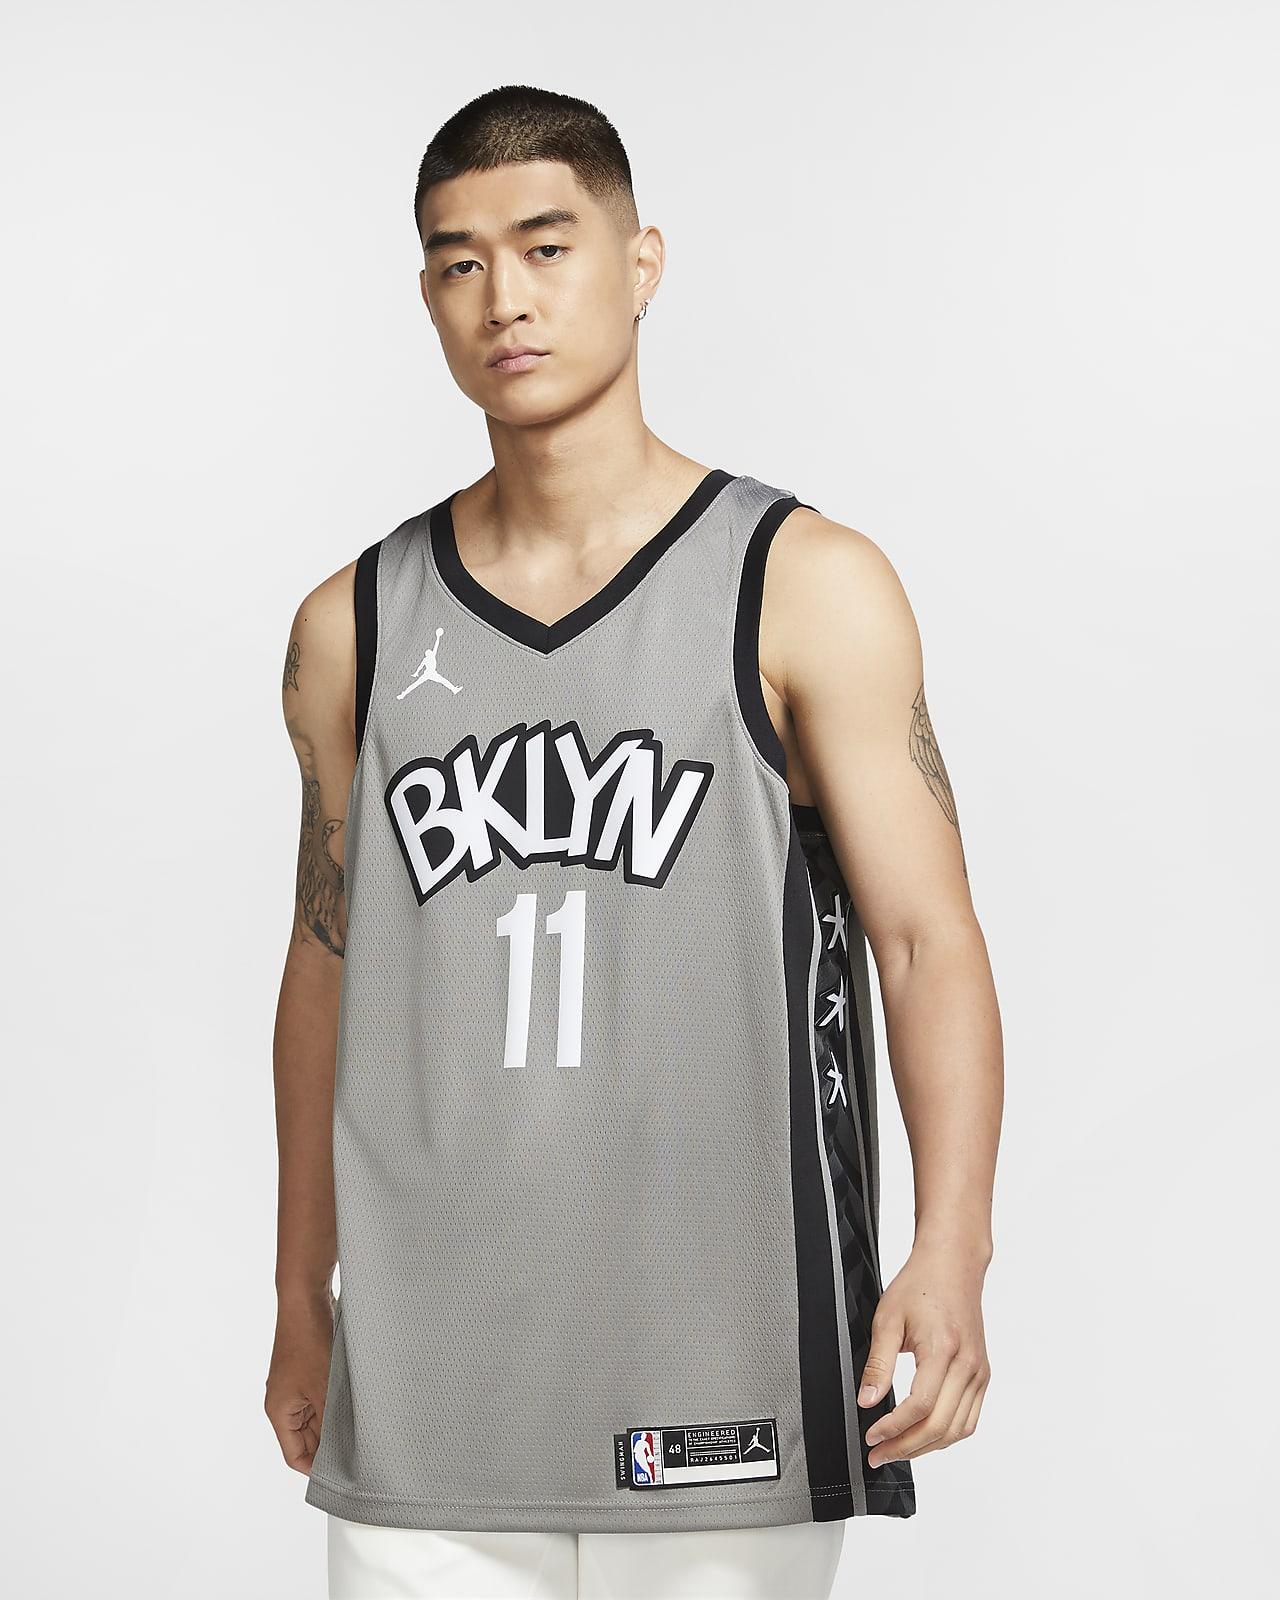 2020 赛季布鲁克林篮网队 (Kyrie Irving) Statement Edition Jordan NBA Swingman Jersey 男子球衣